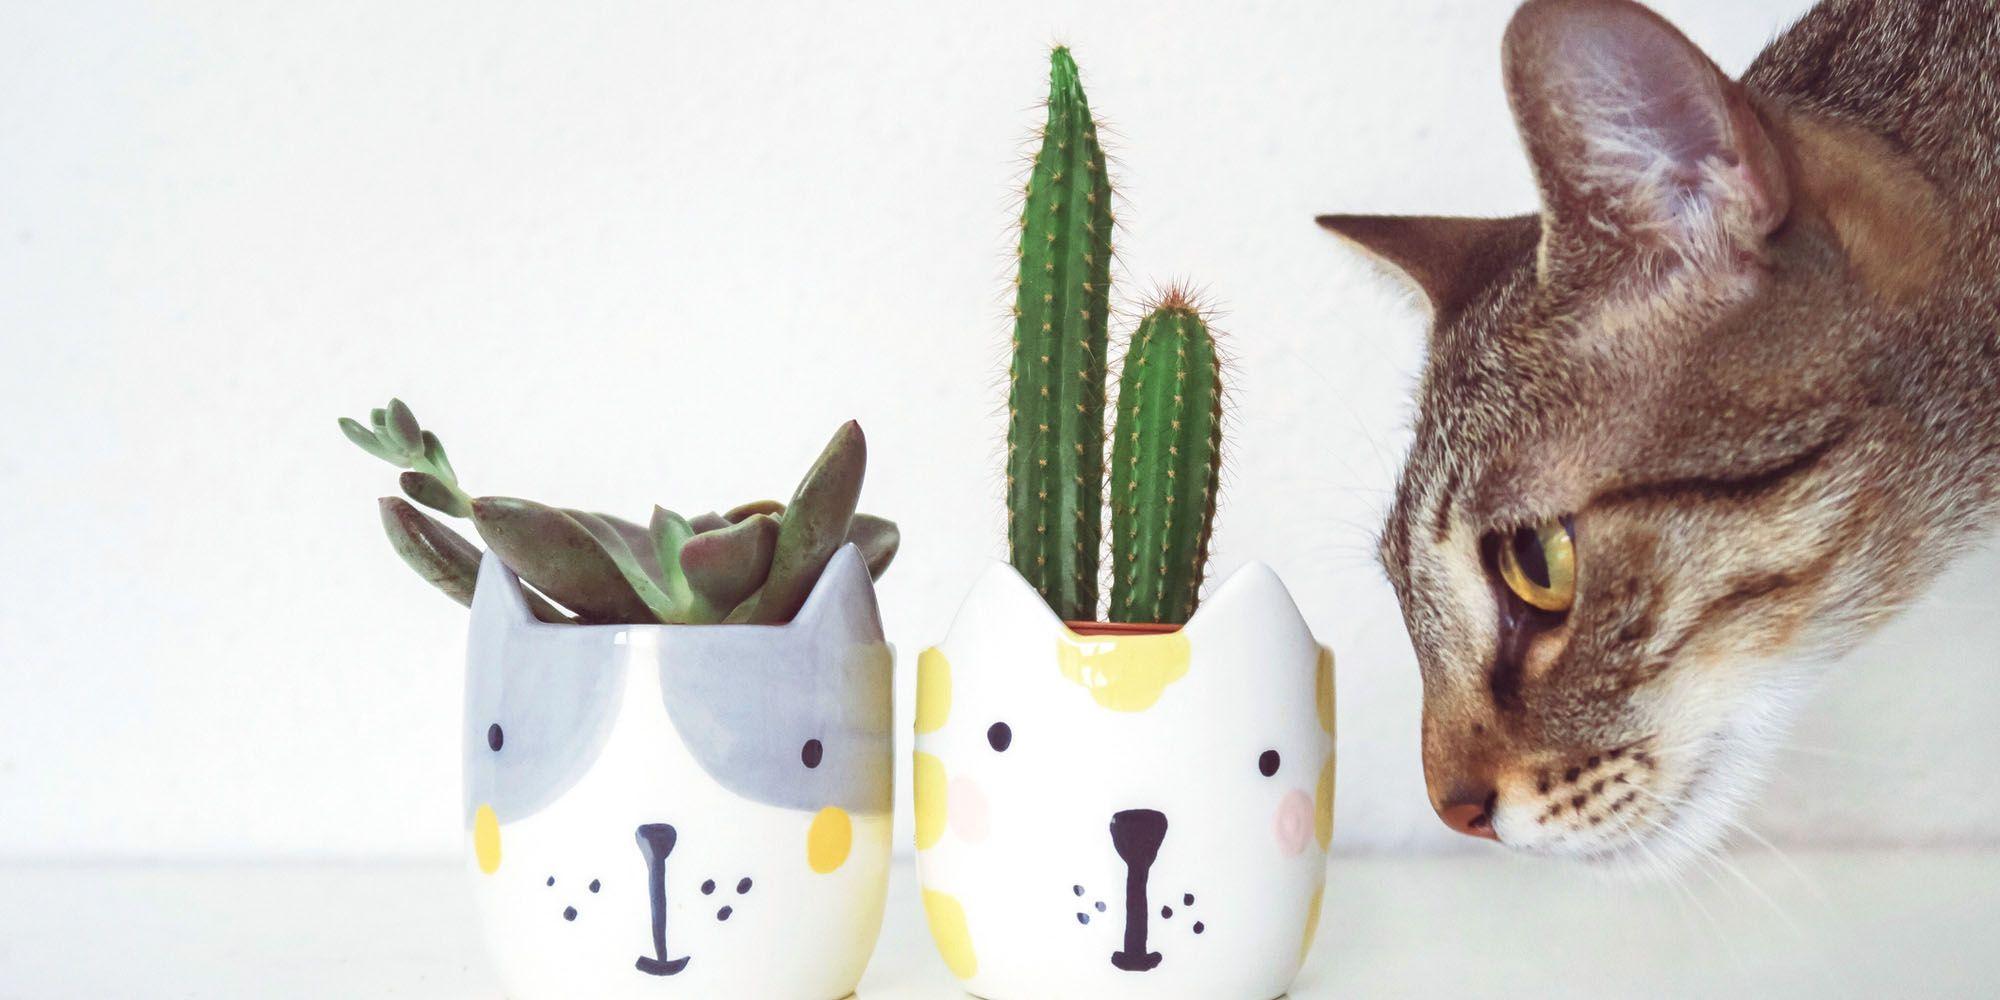 Giftige planten voor katten, plant, giftig, kat